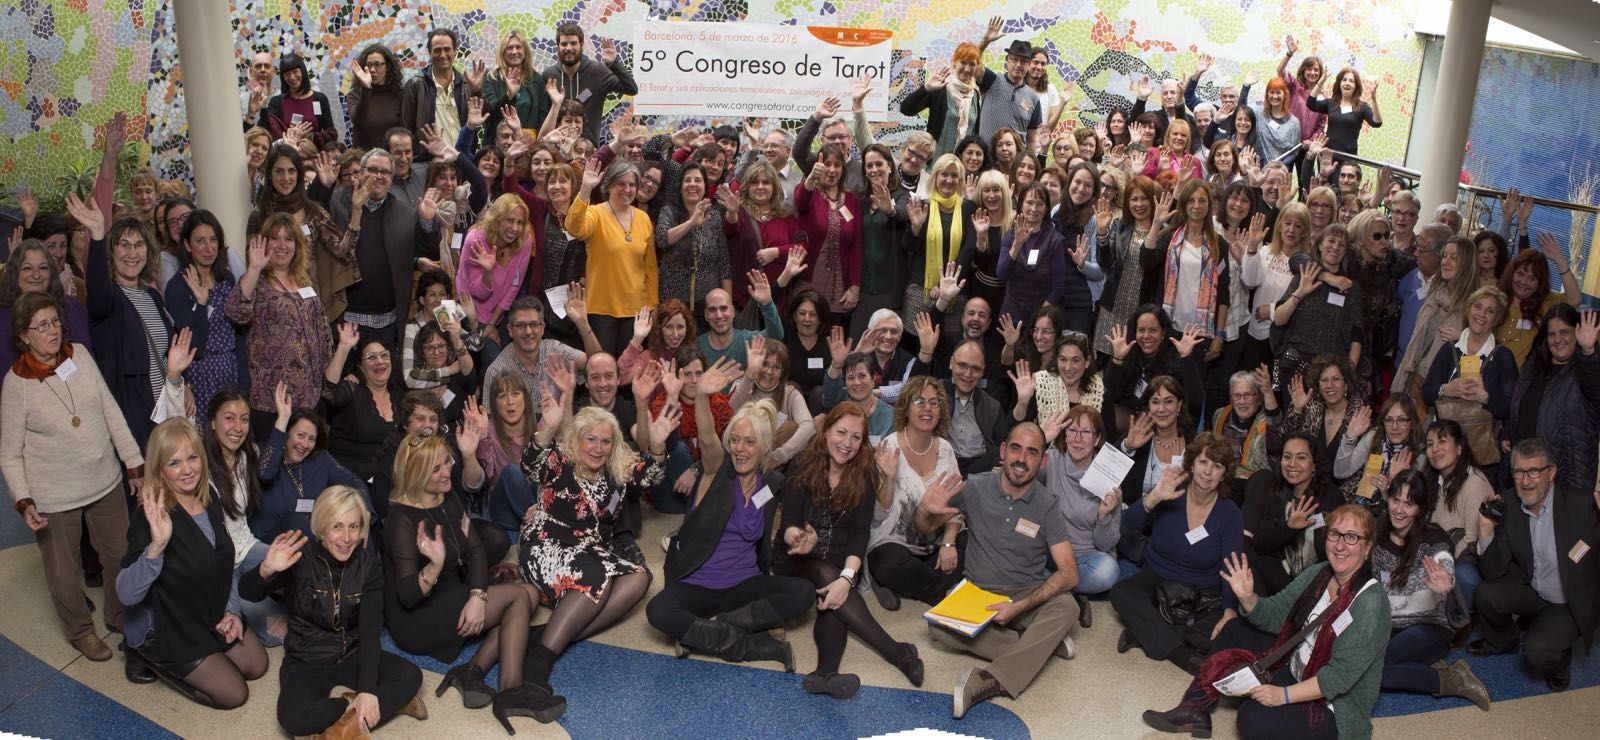 Foto grupo 5 congreso de Tarot